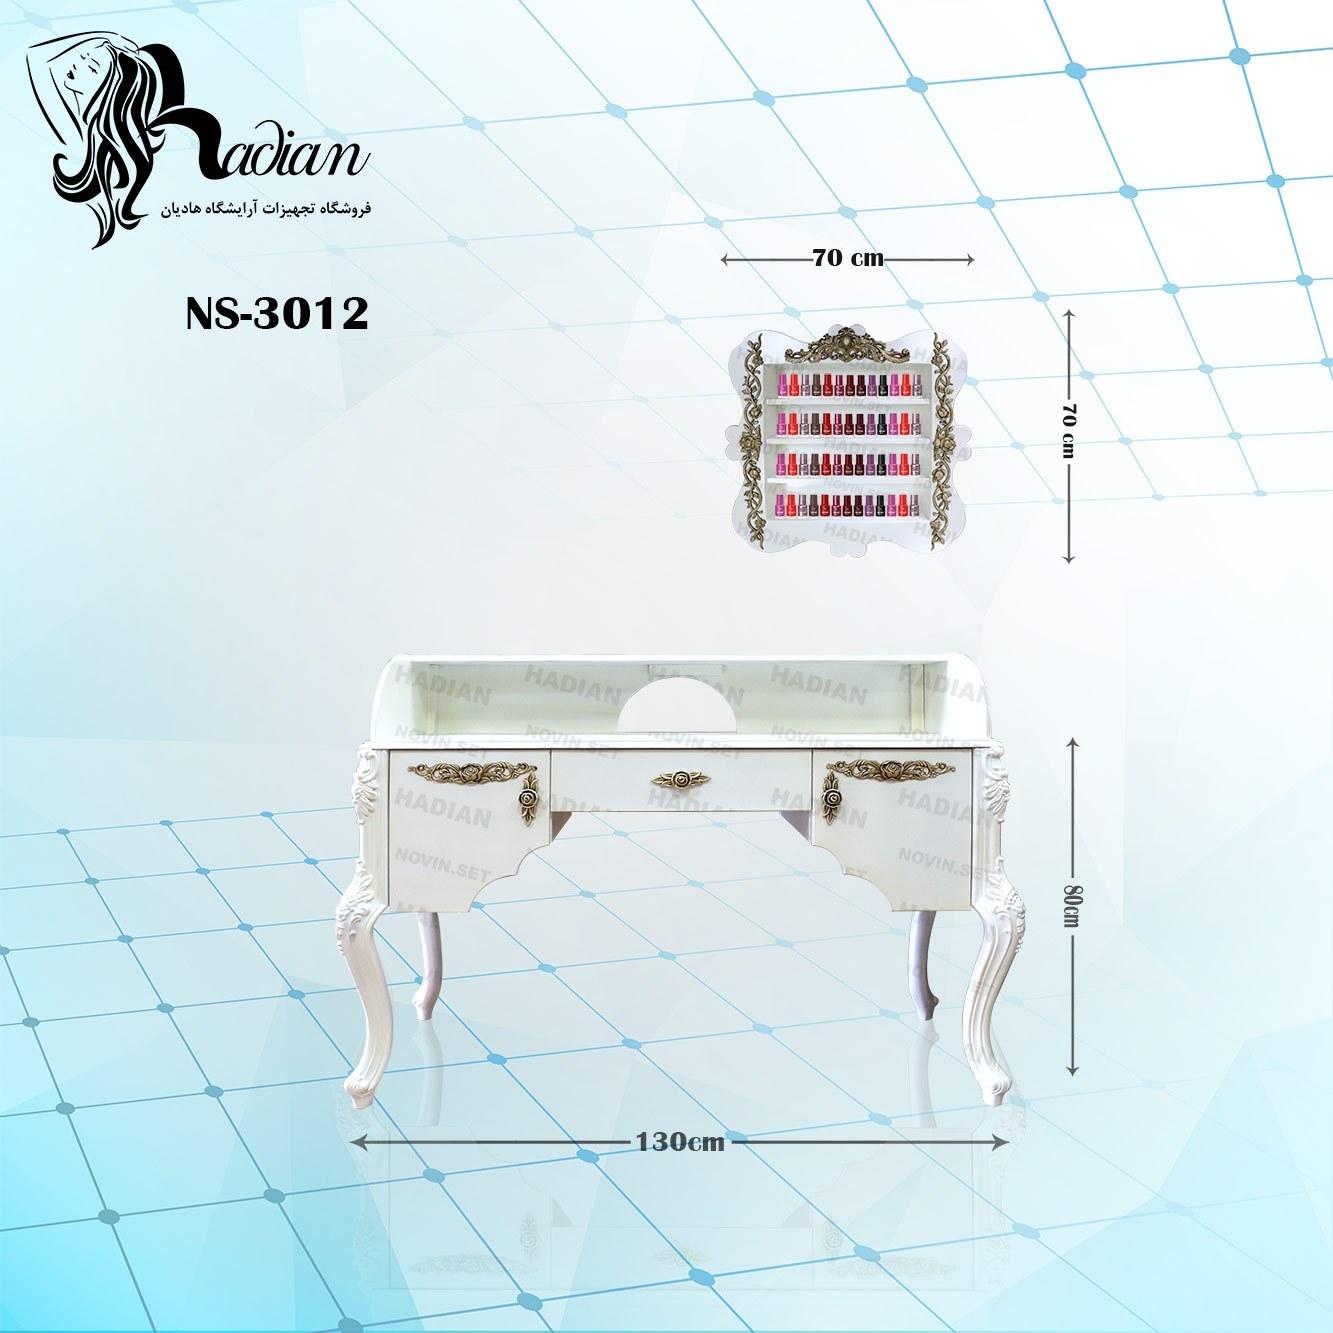 تصویر میز مانیکور شایلی لبه دار دو نفره  با استند لاک با رنگ